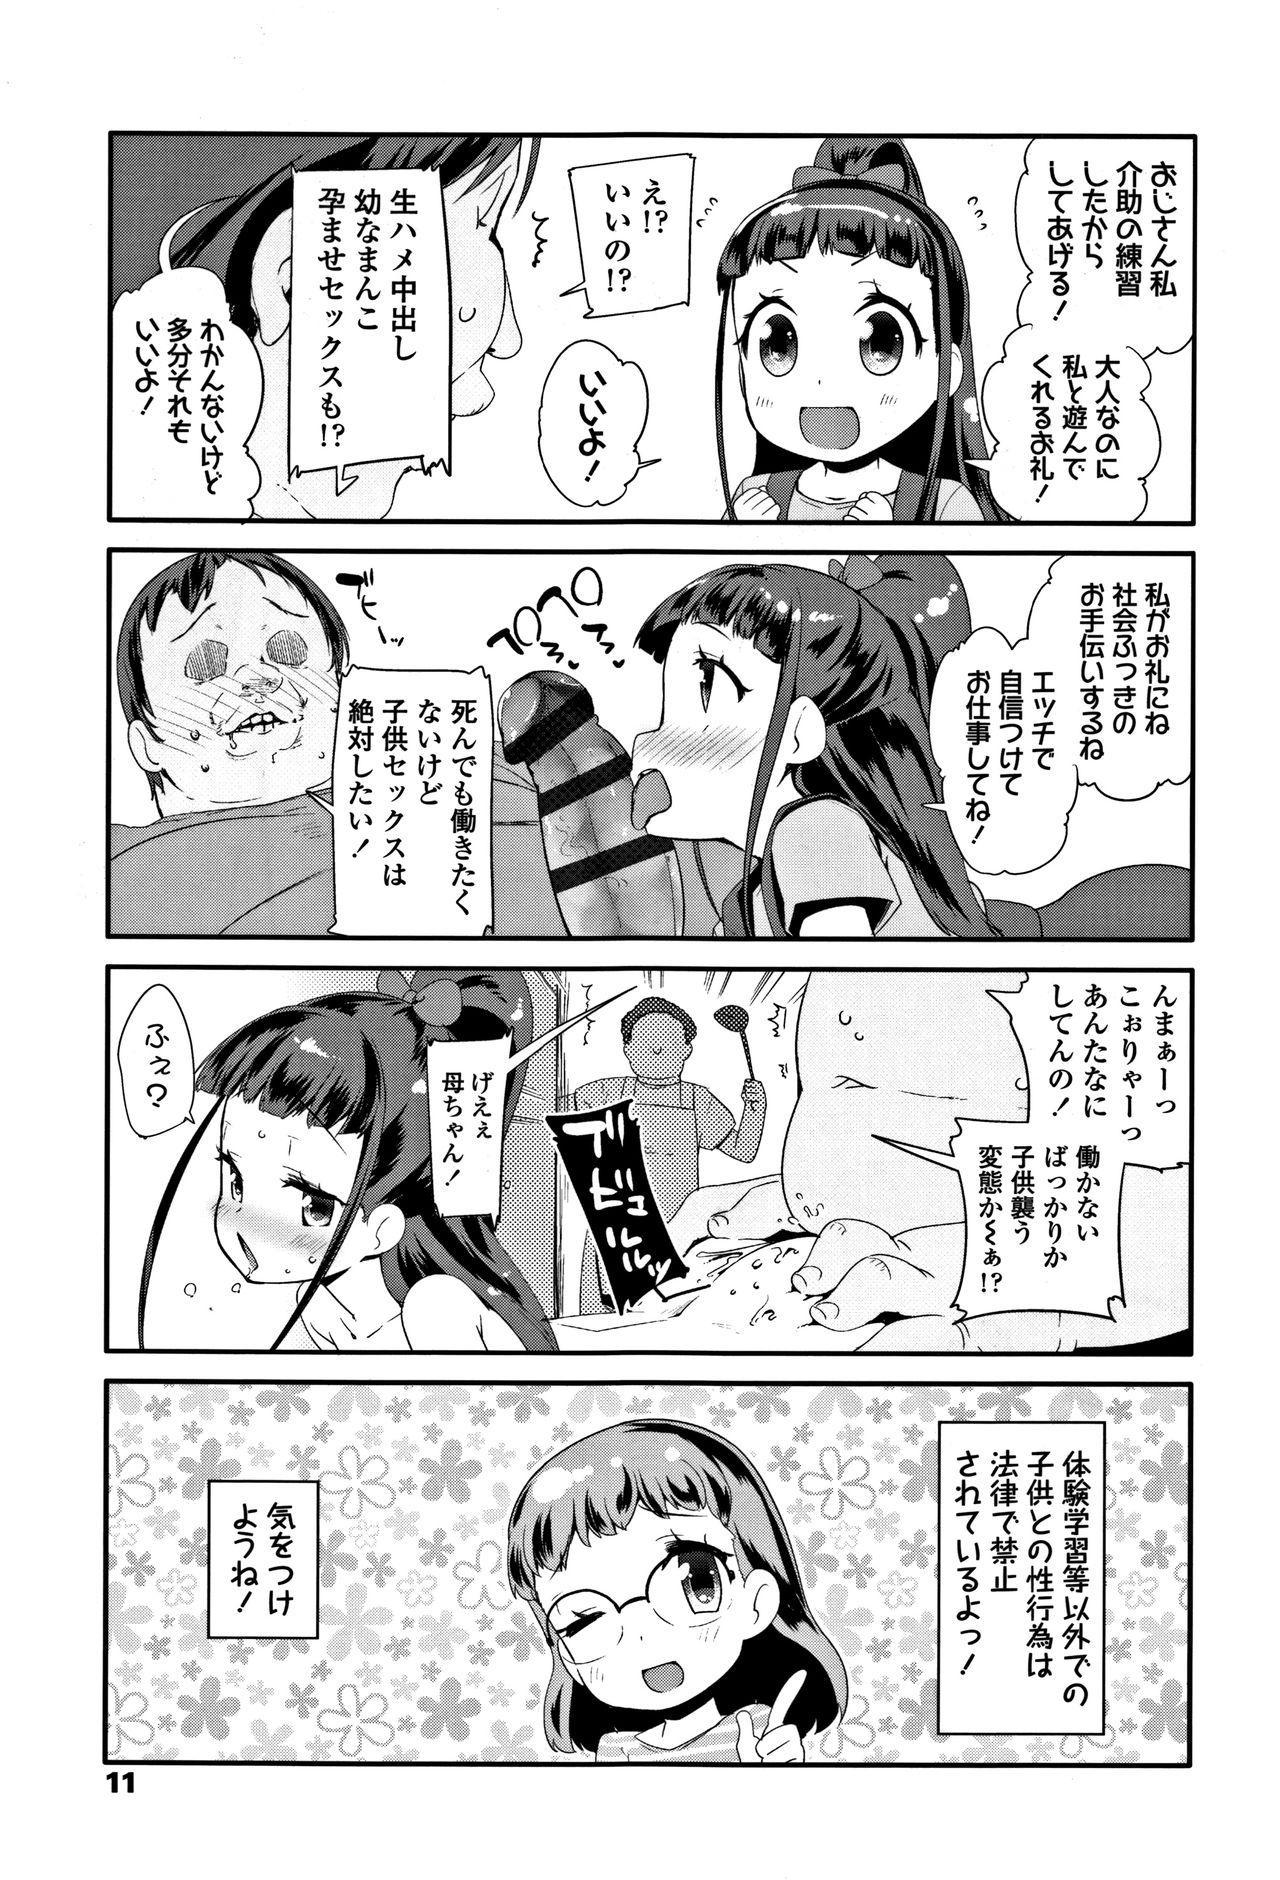 Kirakira Otona Lesson 11